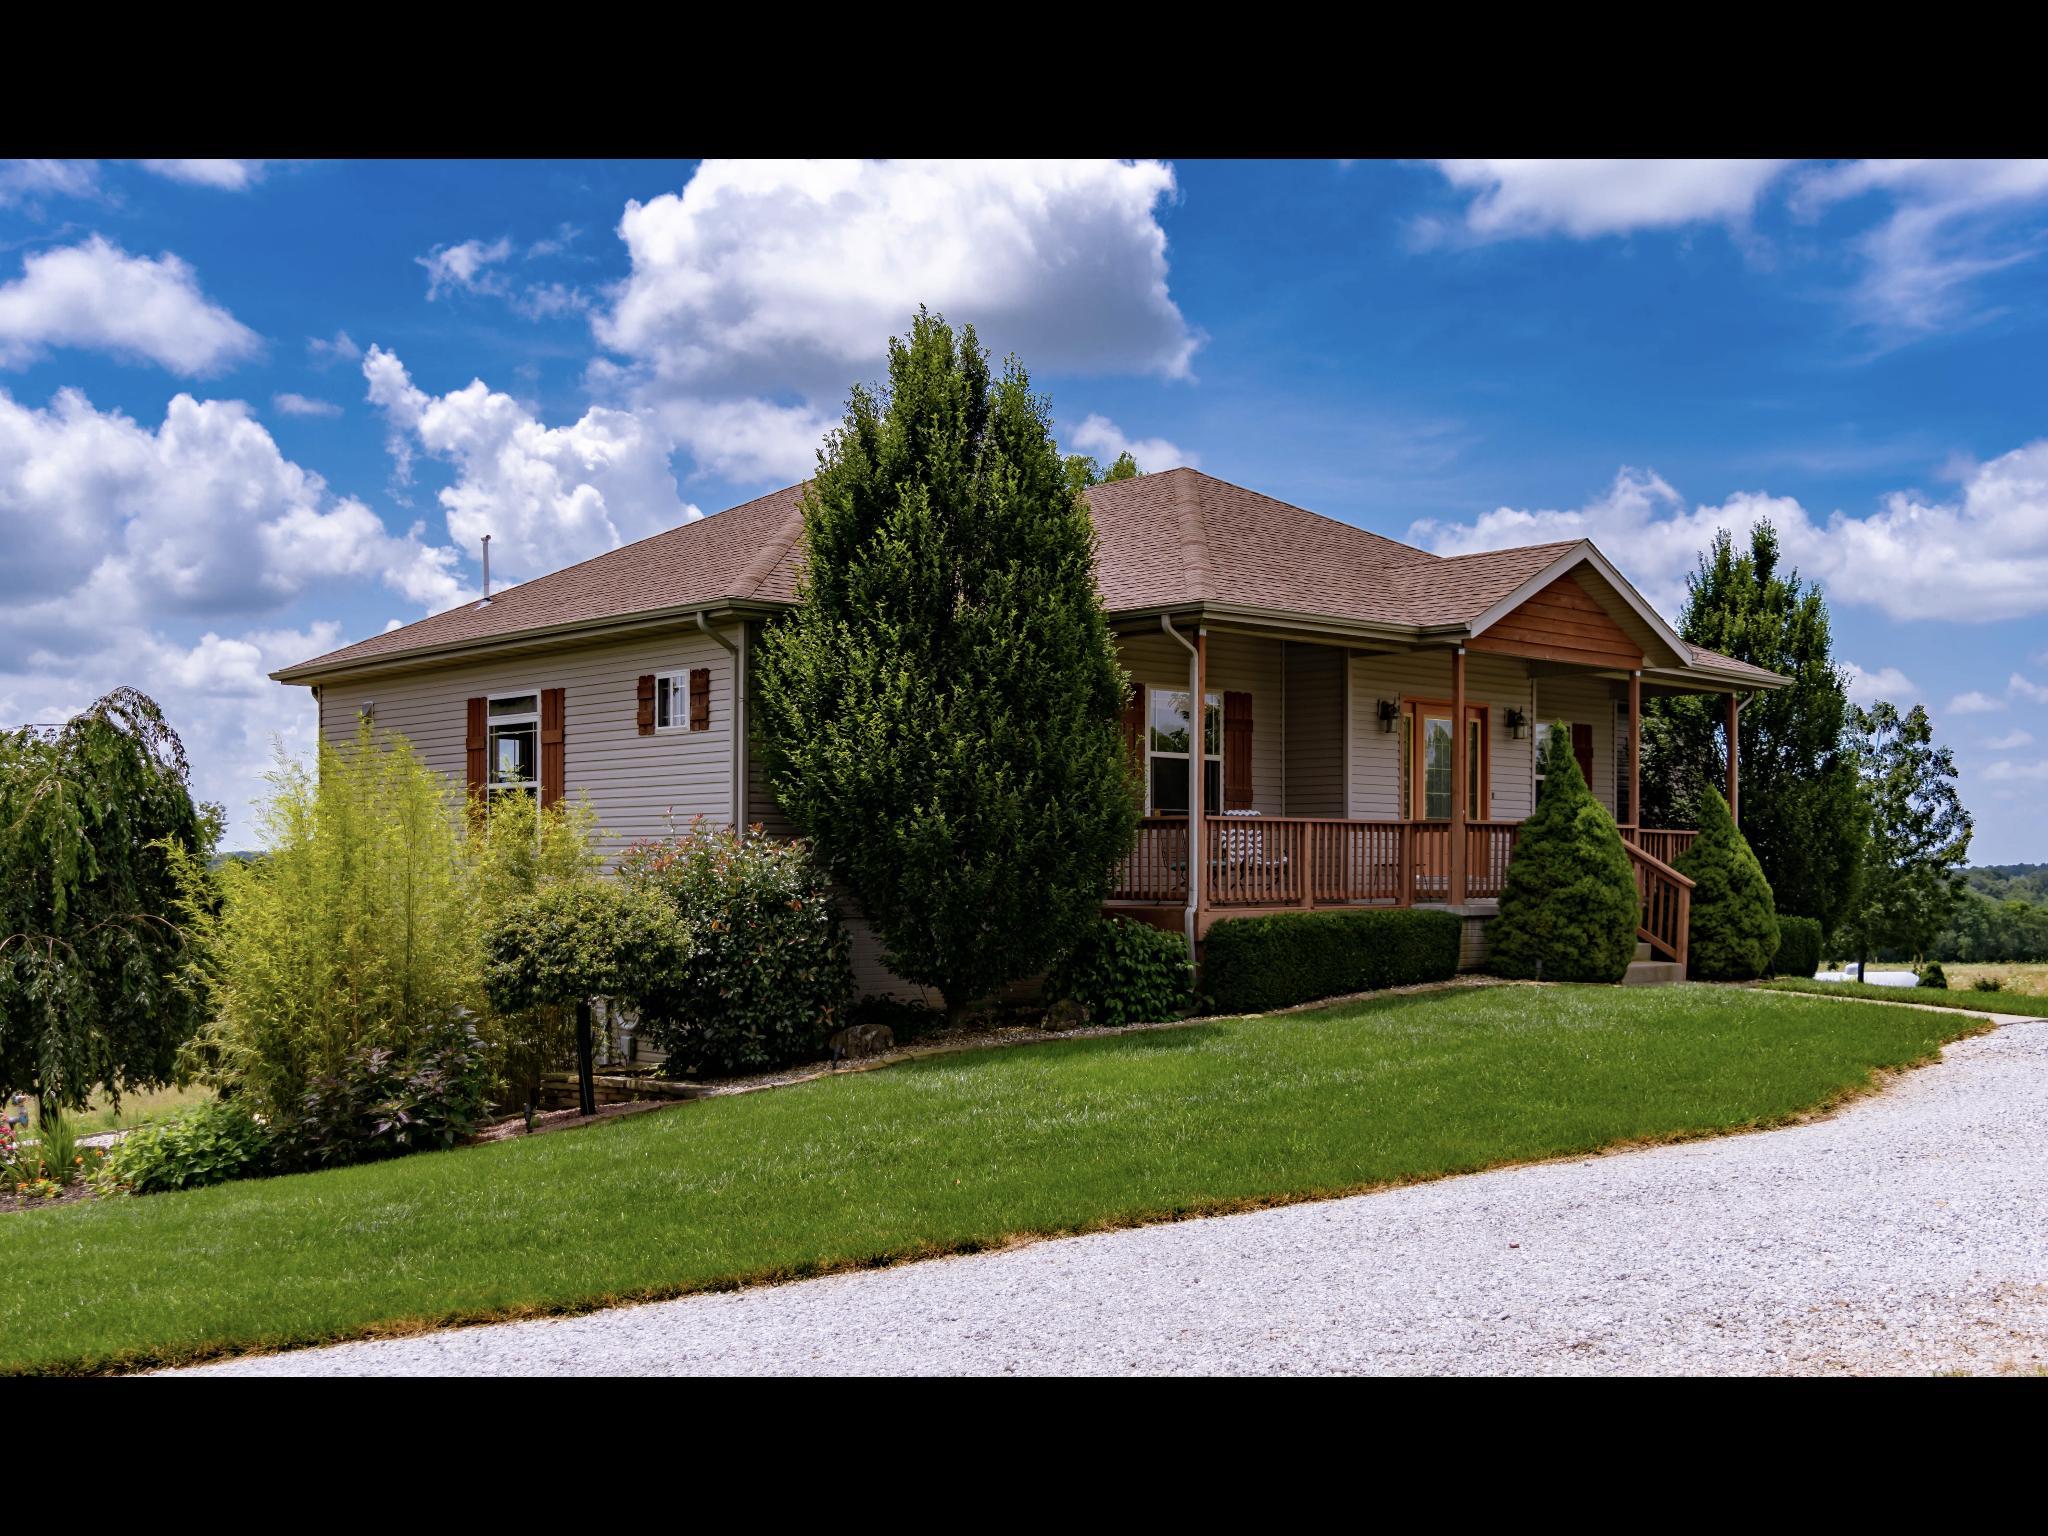 9942 West Farm Rd Walnut Grove, MO 65770